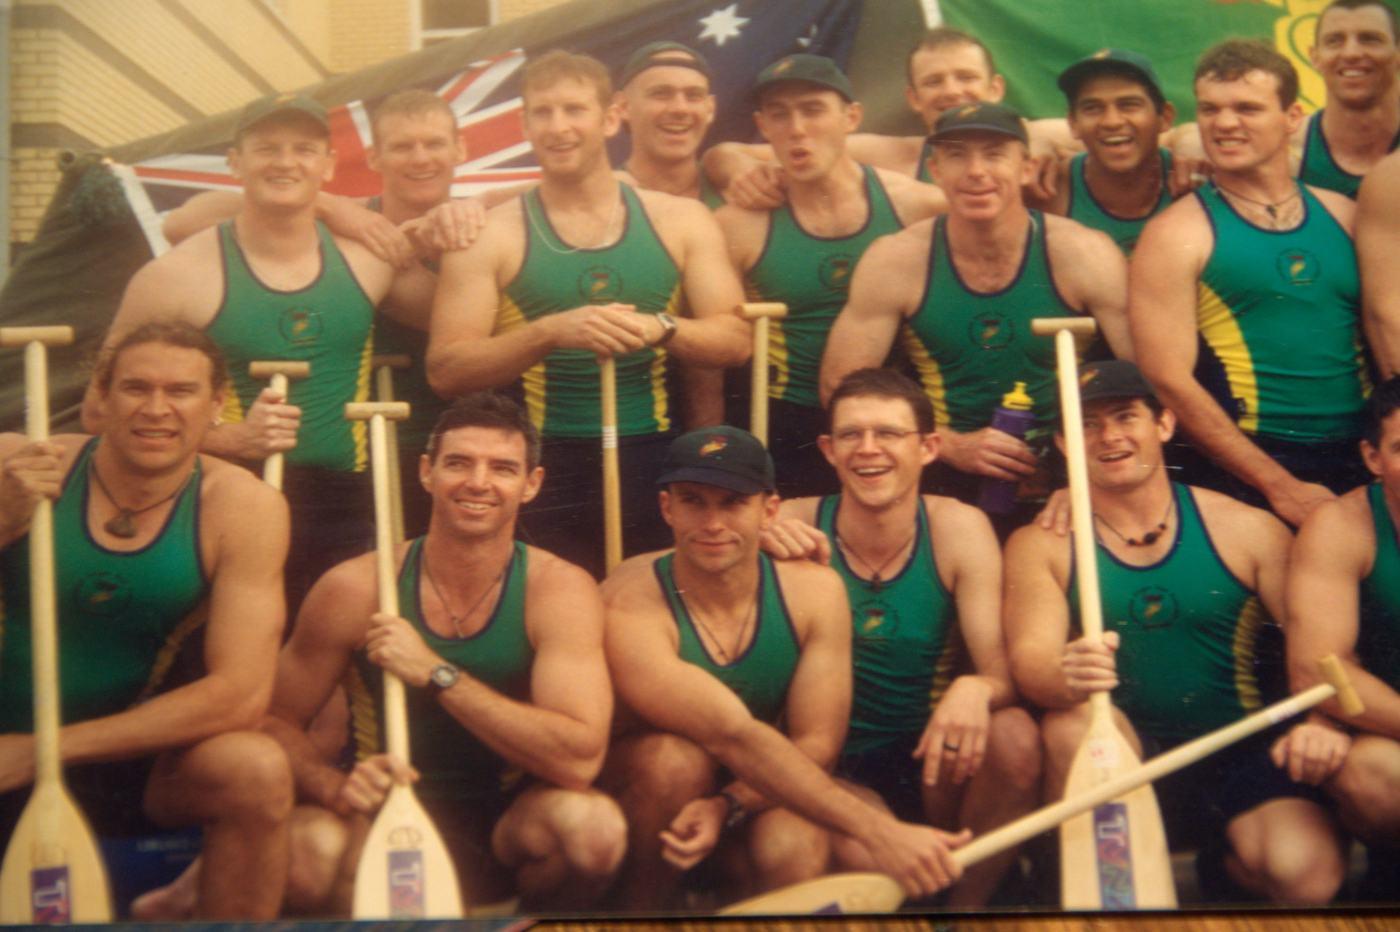 Mens teamWorld Champs Nottingham, 1999